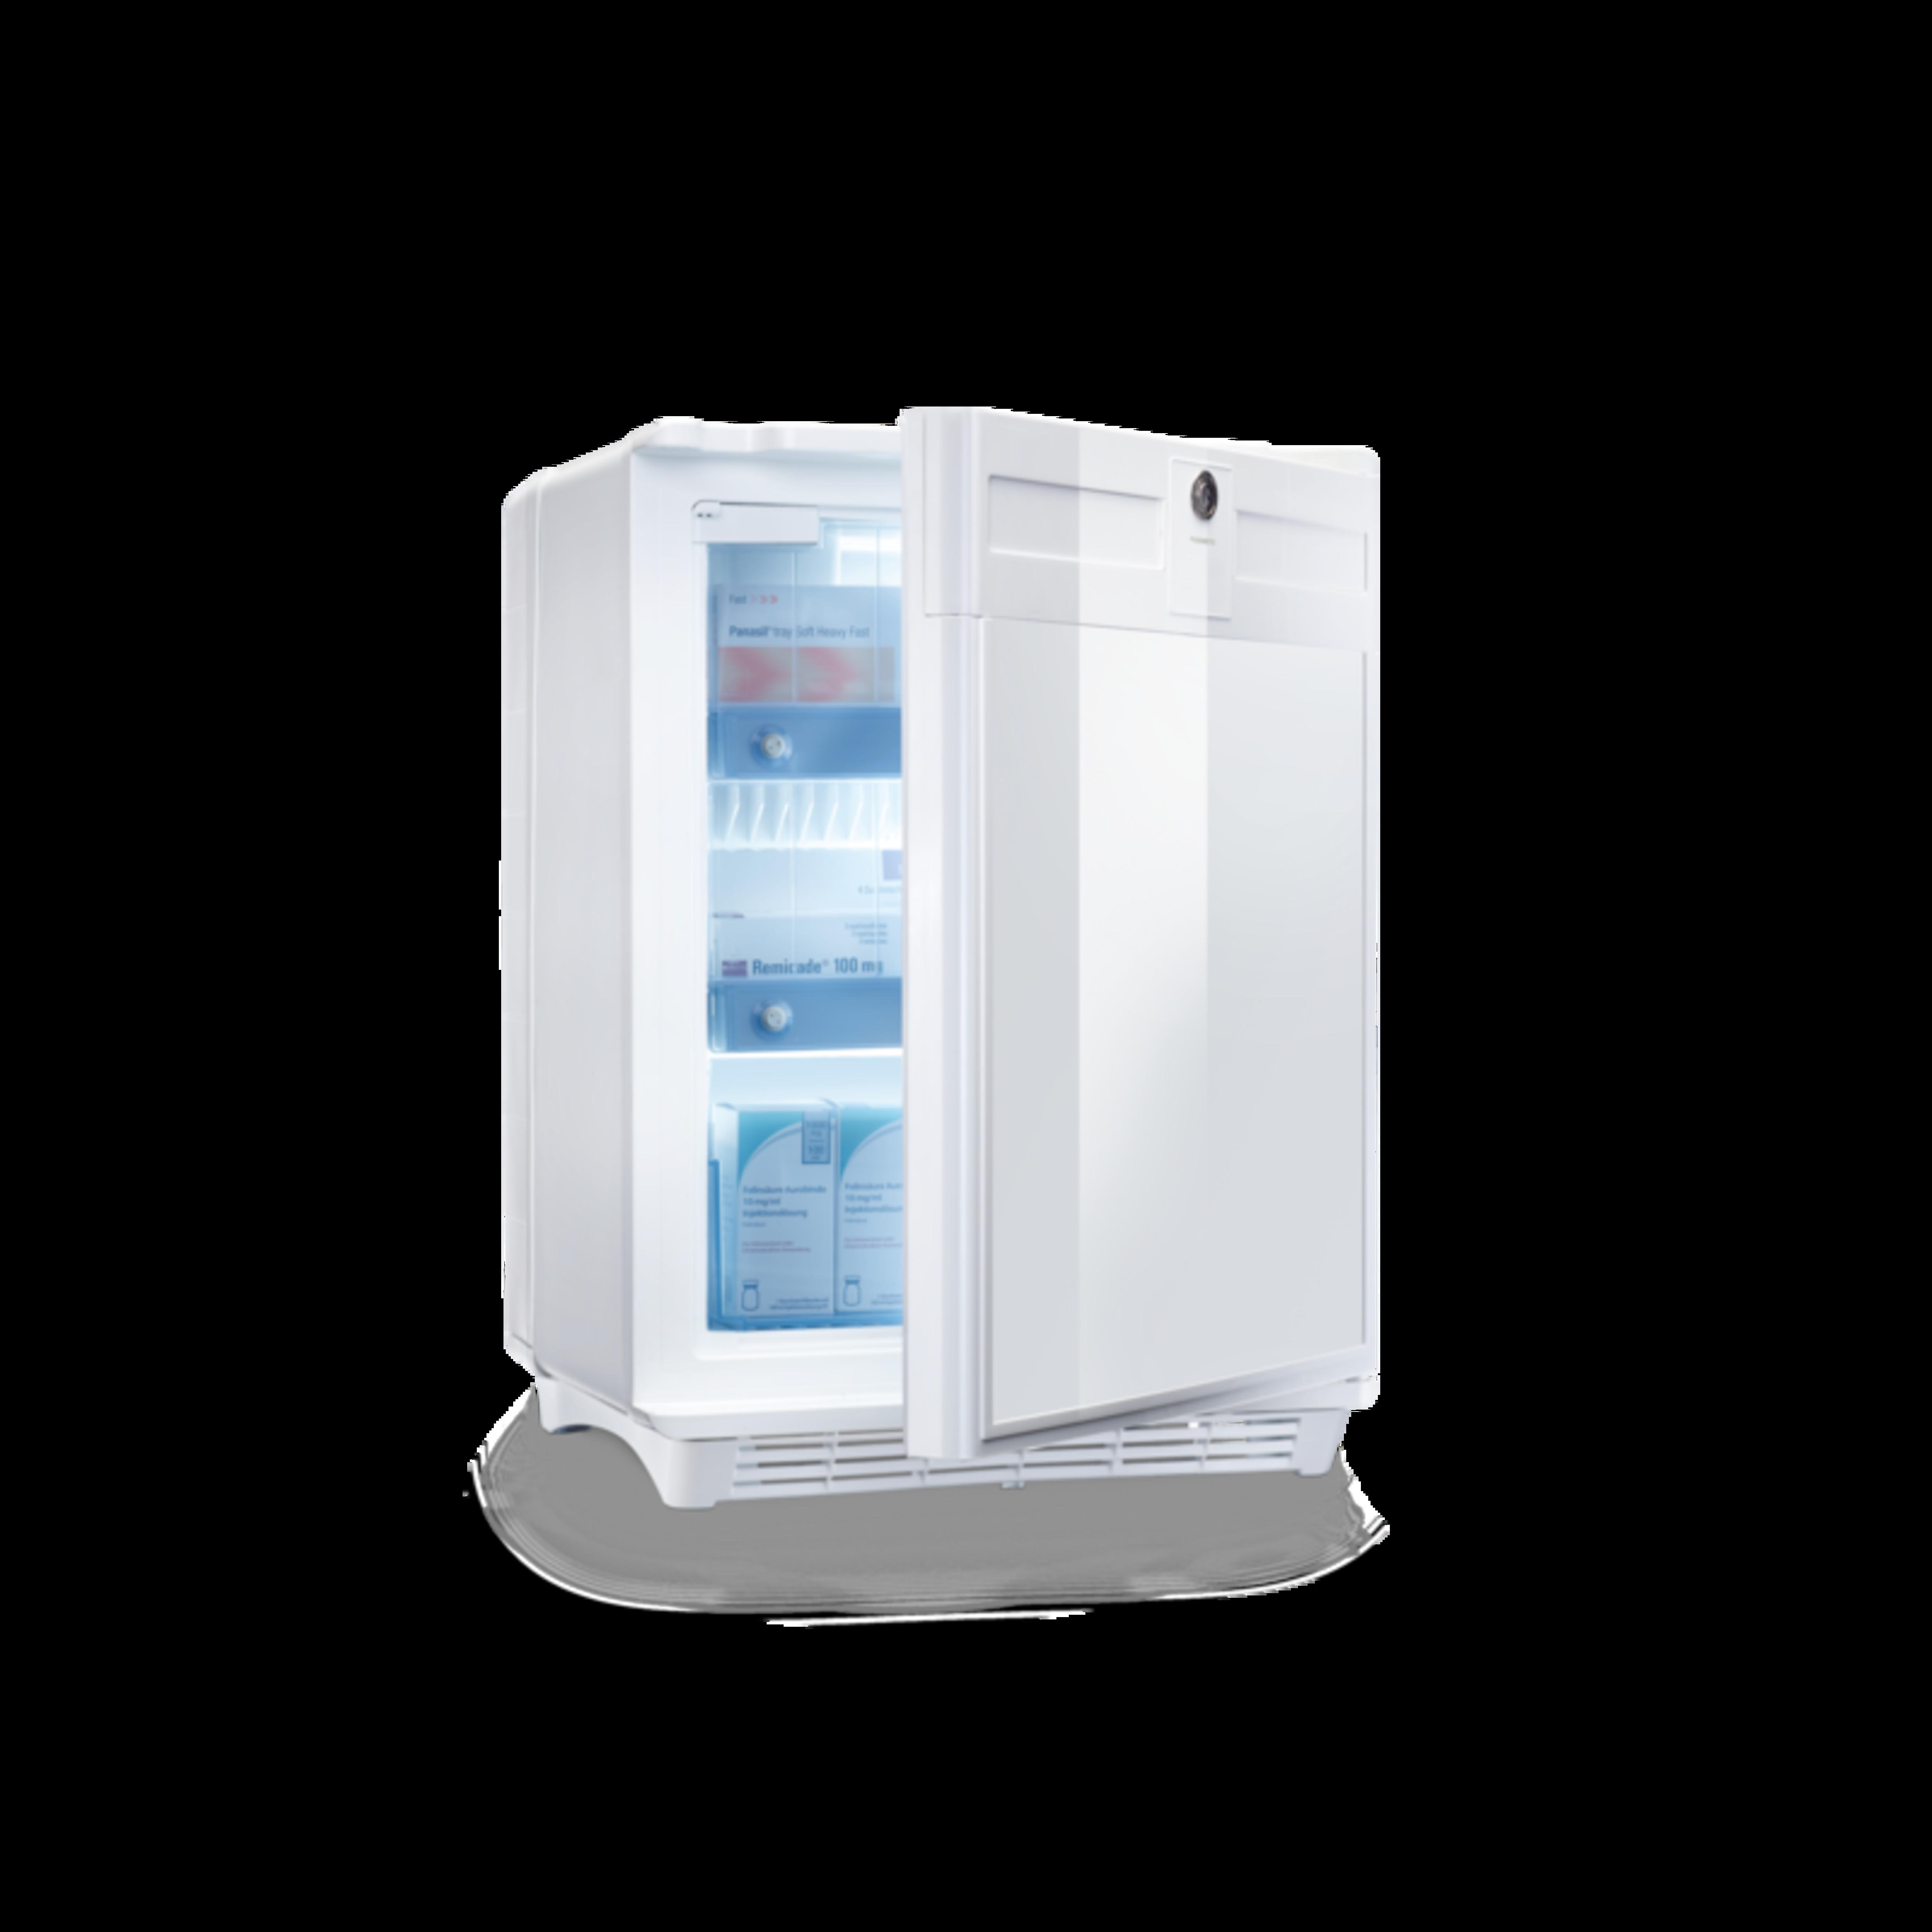 Støjfrie absorptionskøleskabe